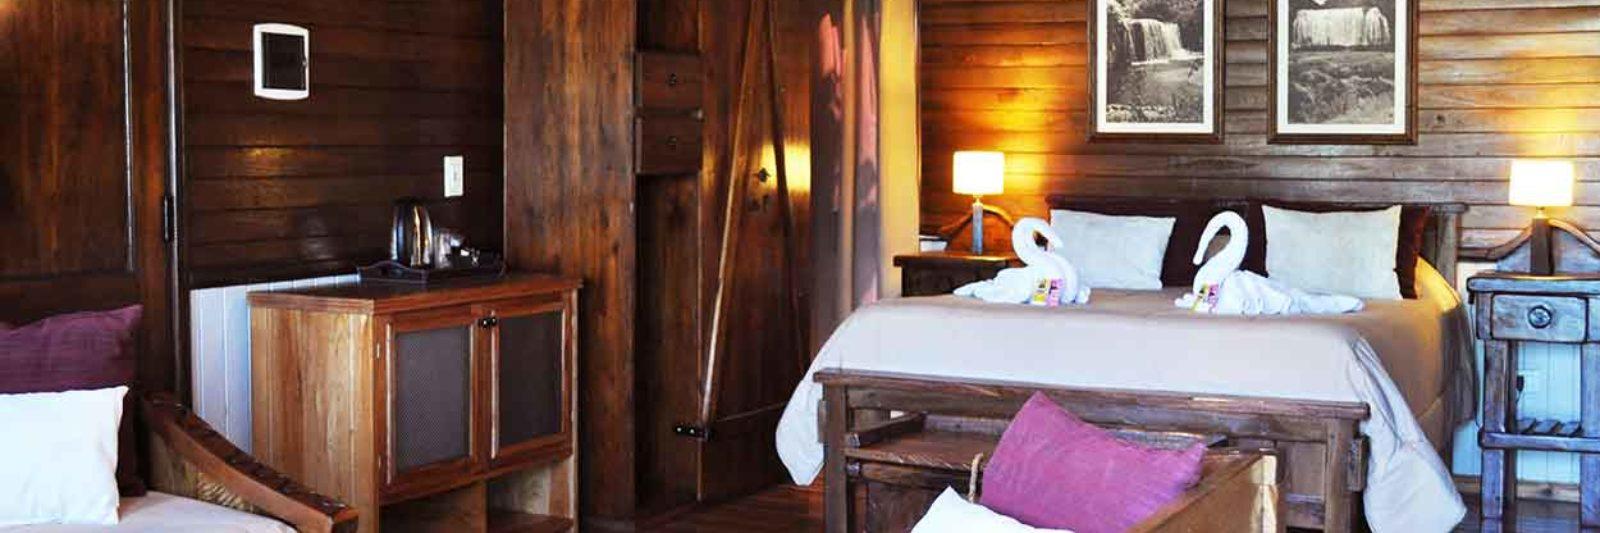 hotel en Saltos del Moconá - Puro Moconá Lodge